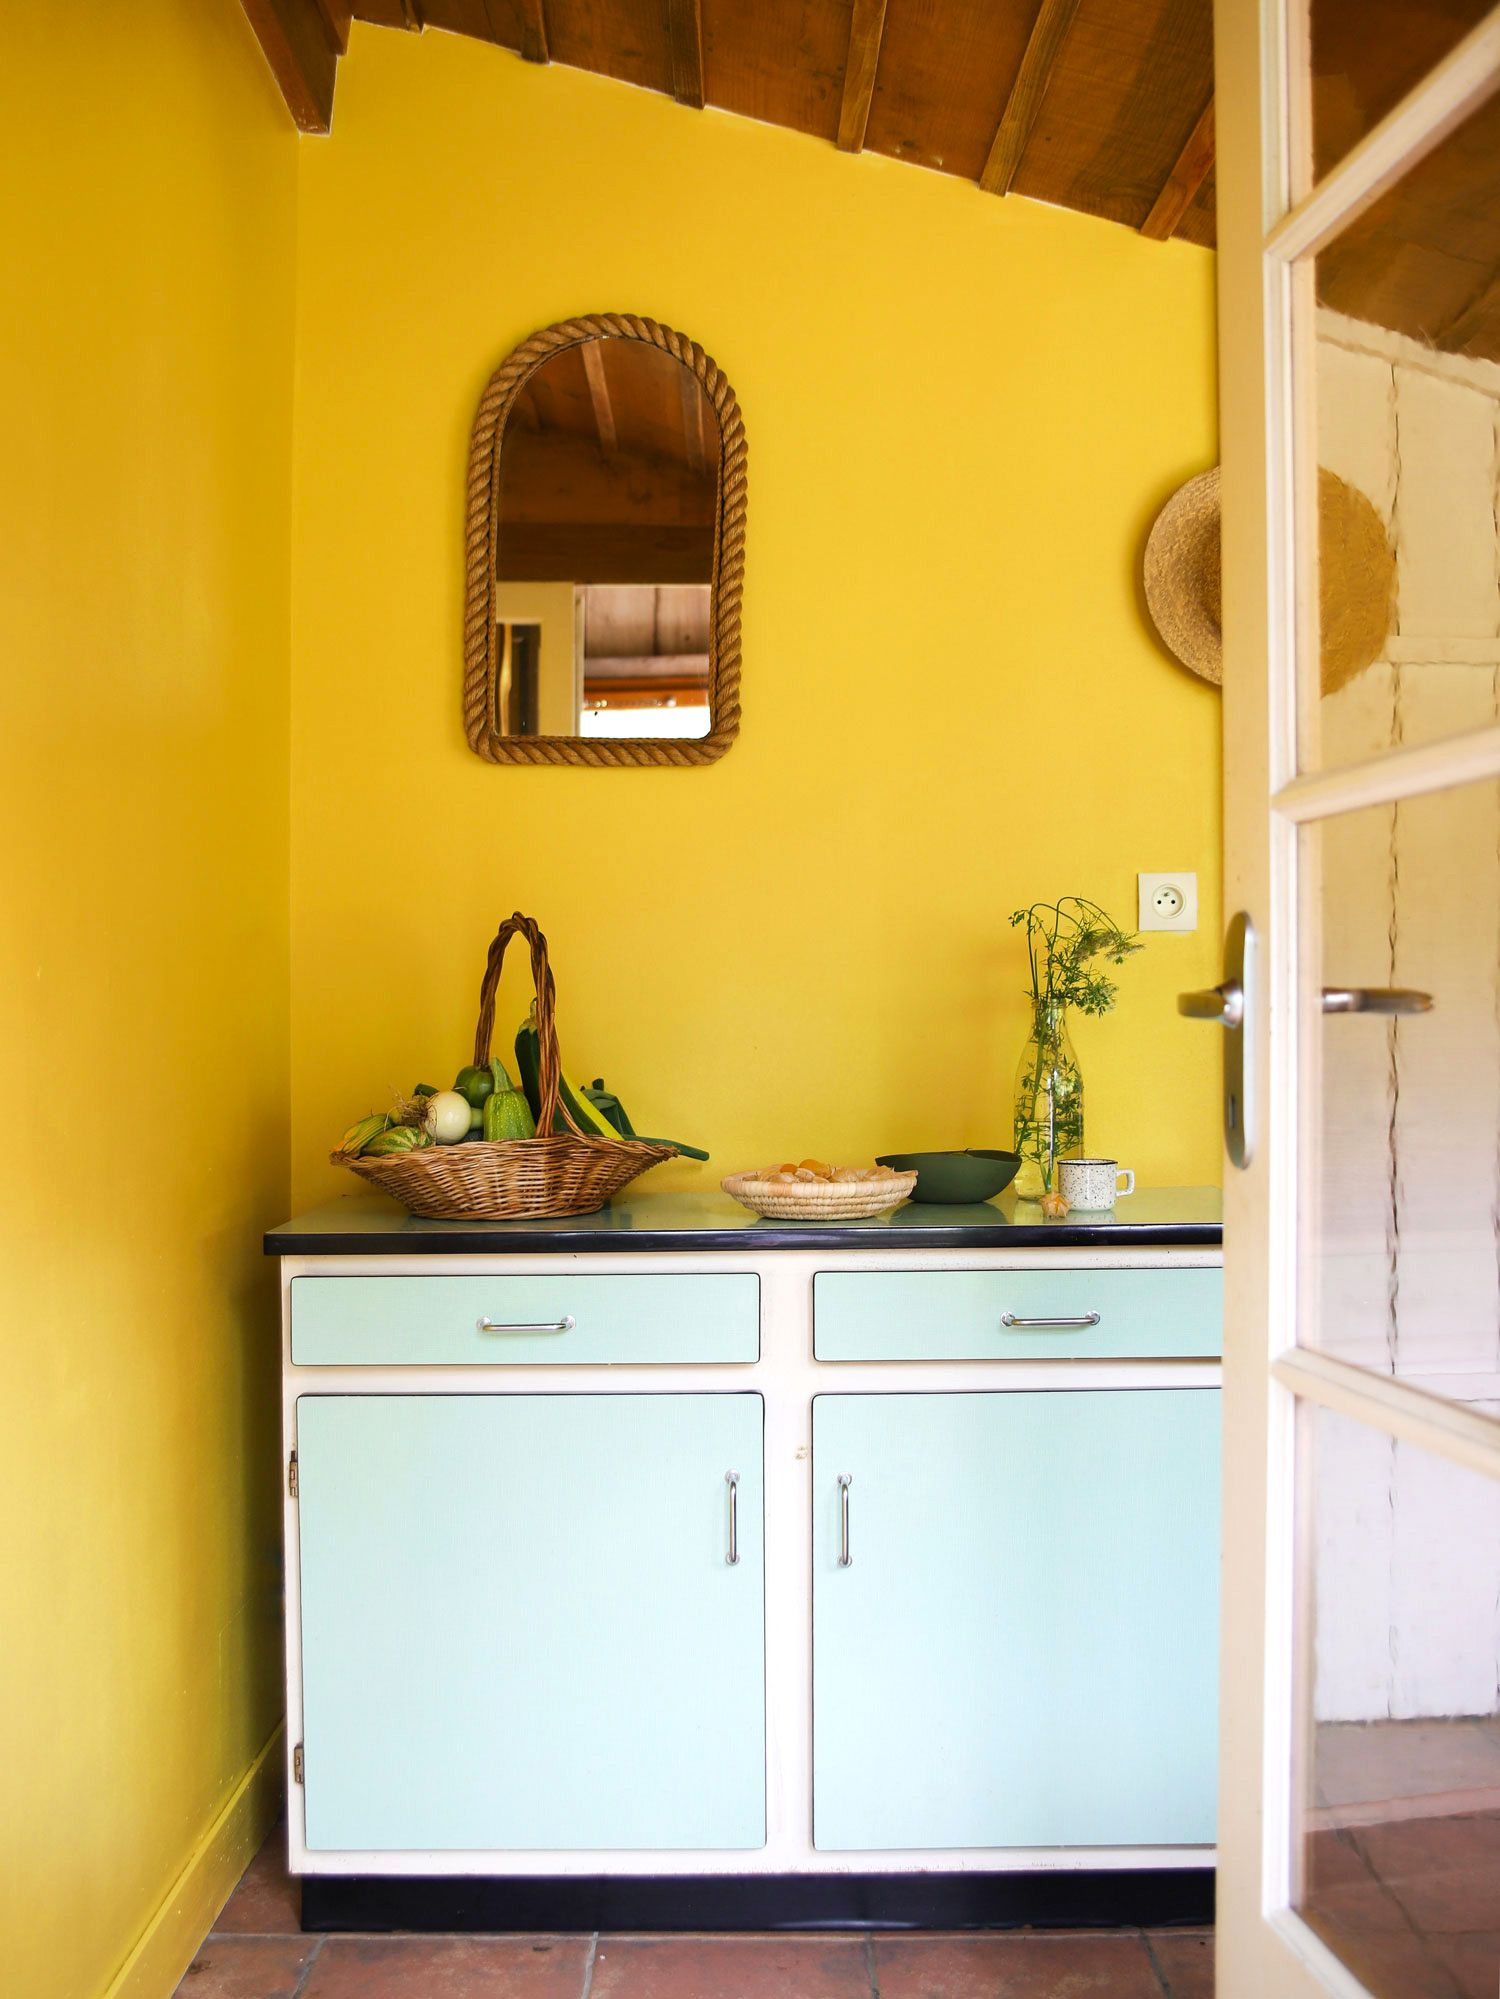 Cuisine Jaune Printemps  Cuisine jaune, Organisation de petite